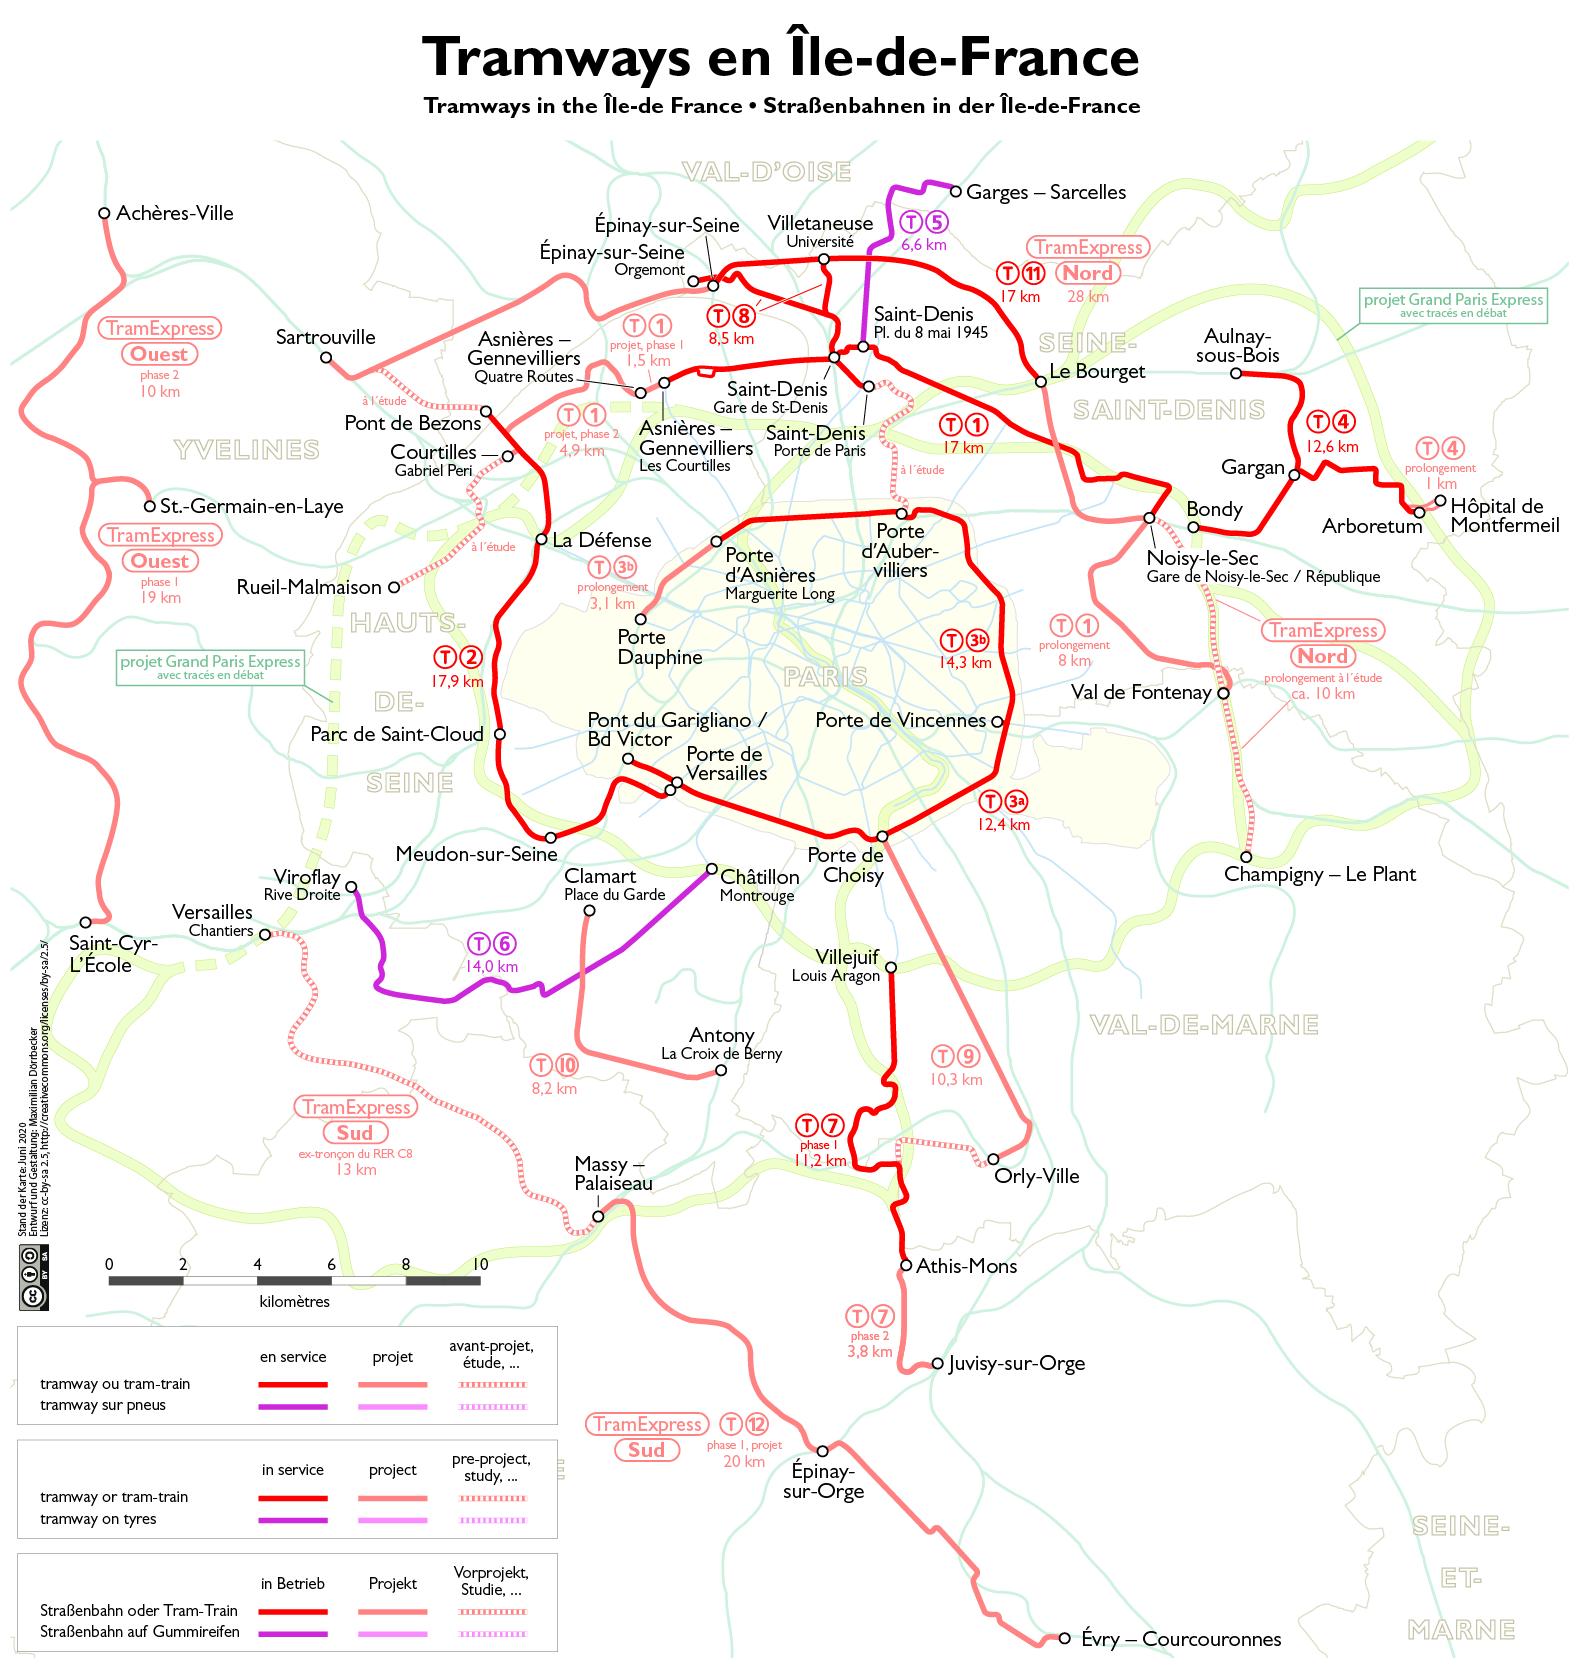 File:Île-de-France - plan des tramways.png - Wikimedia Commons